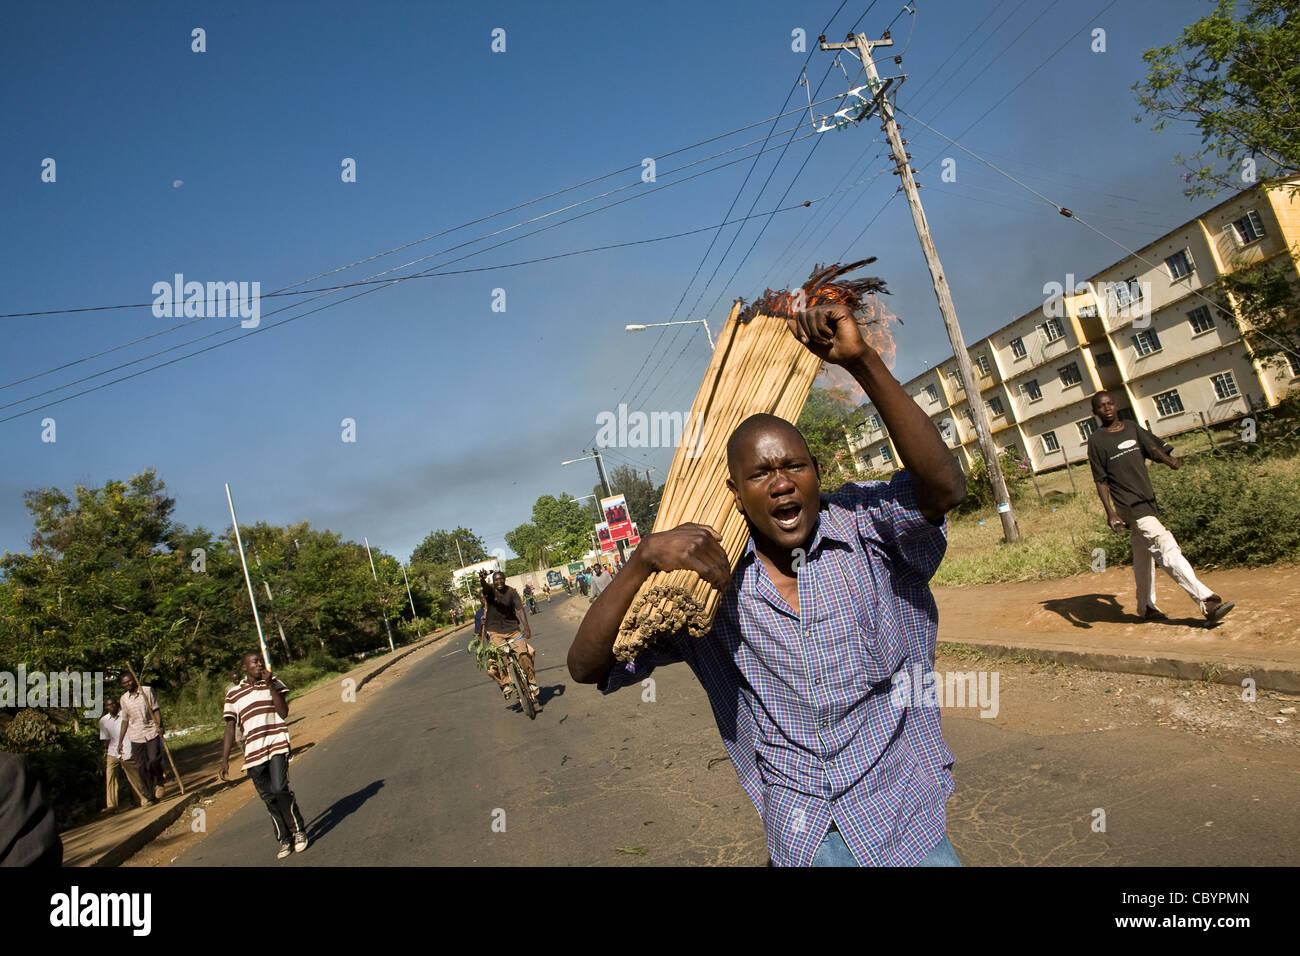 Rioters and looters during Kenya post-election violence, Kisumu, Kenya. - Stock Image